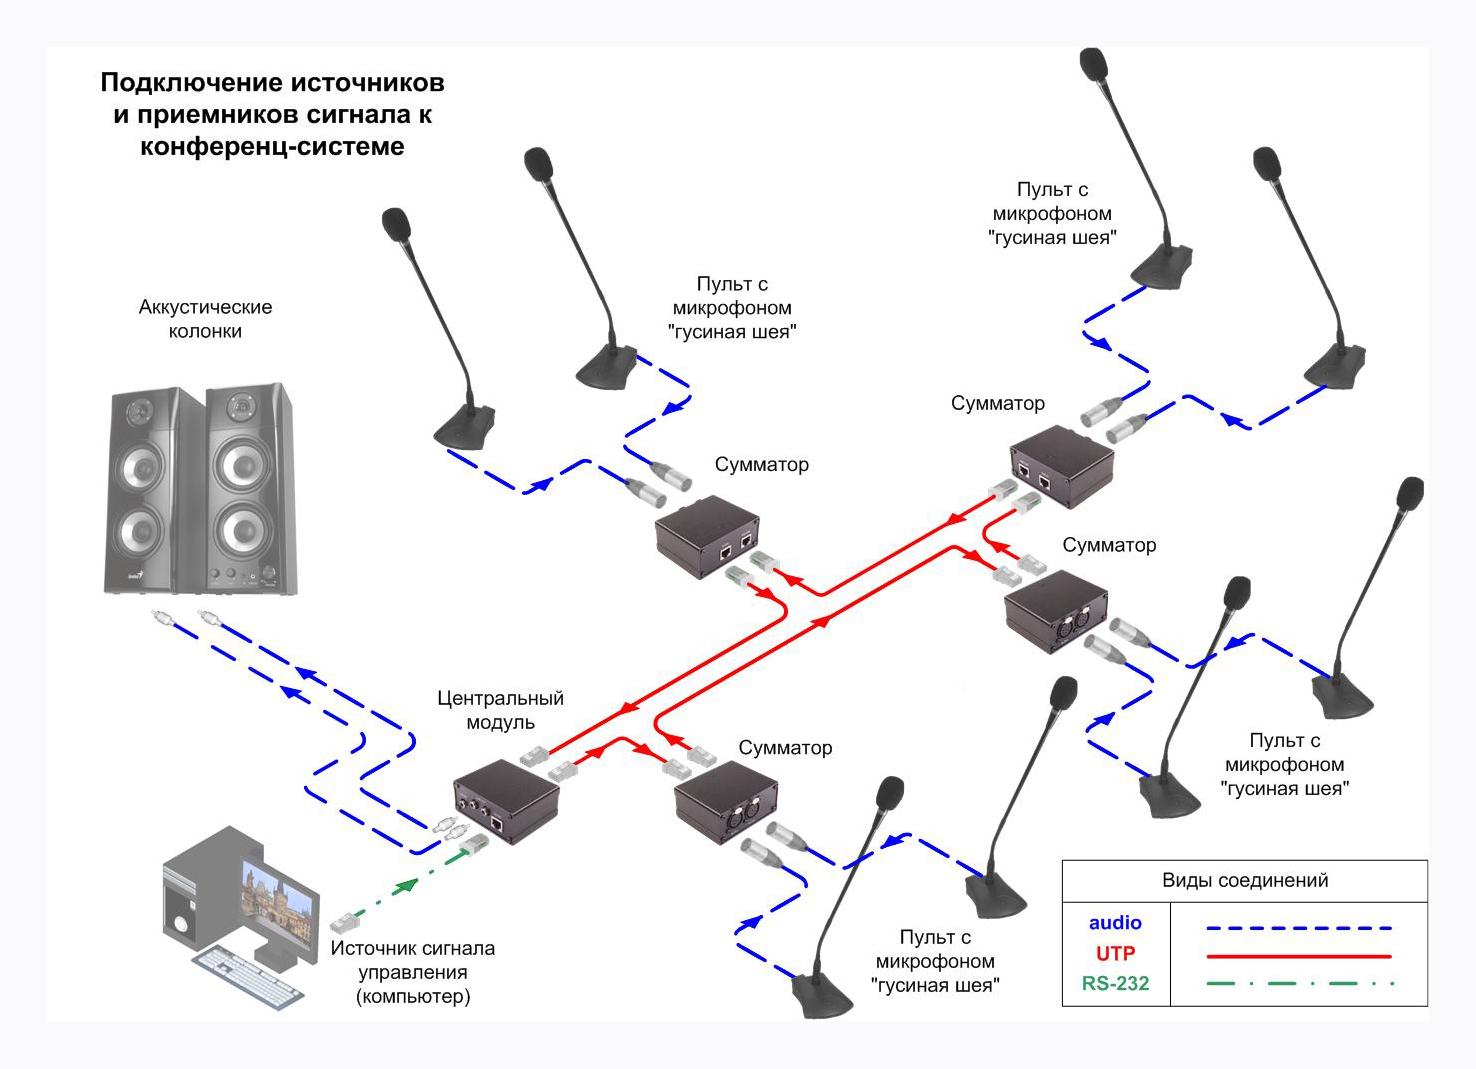 Схема подключения, AV Production, Центральный модуль, Конференц-система с фантомным питанием, MS-CS-D12PH